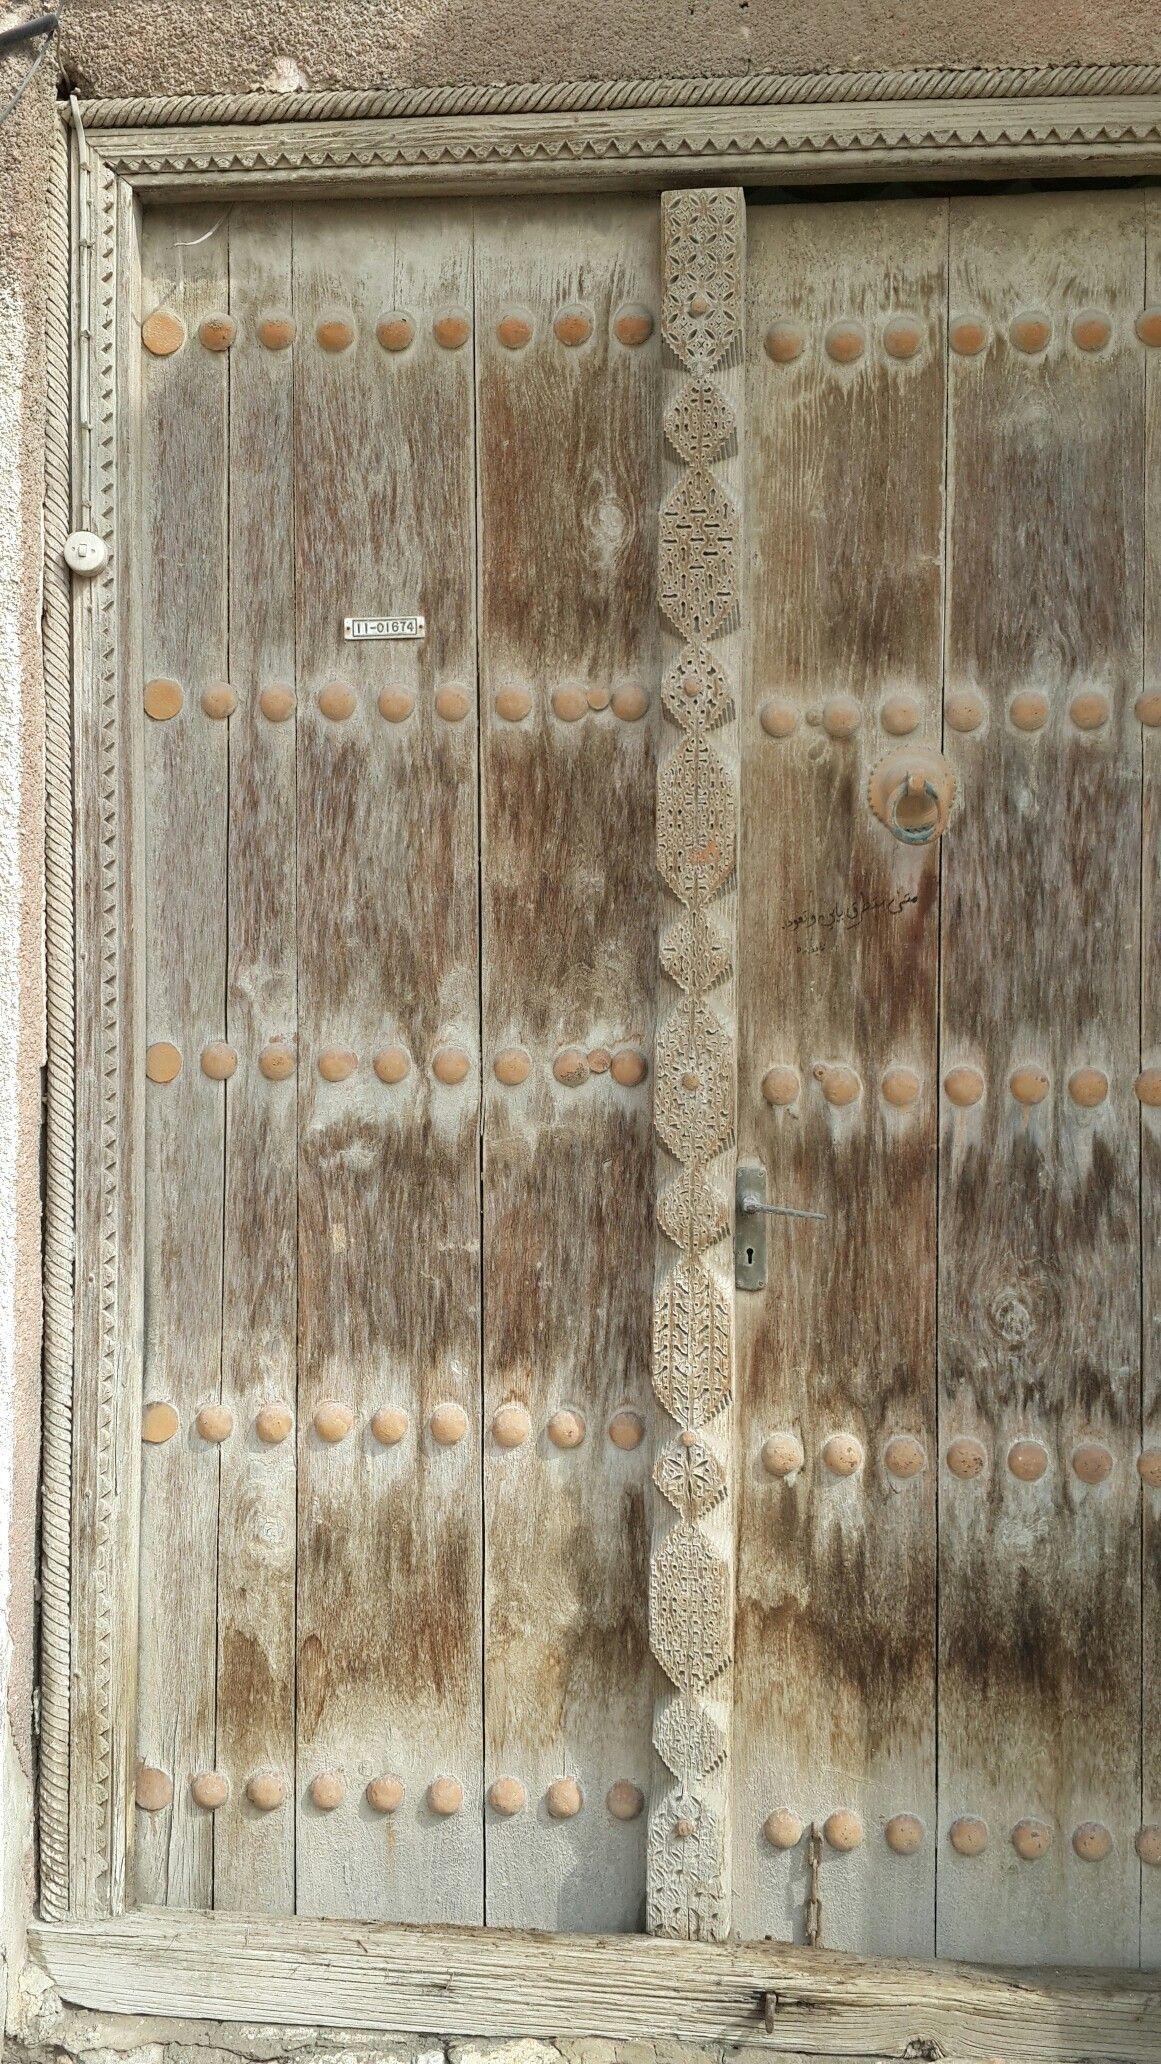 ابواب المنازل القديمة في البحرين Home Decor Decor Room Divider